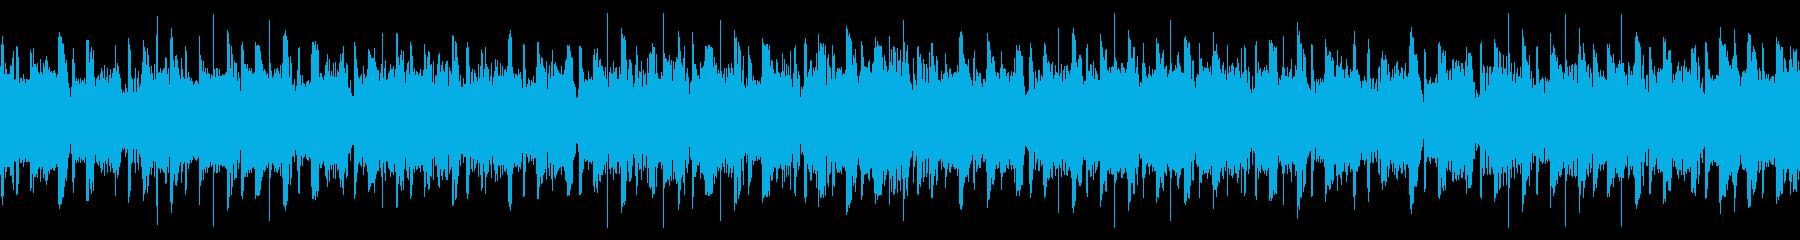 ゆったりしたEDMループの再生済みの波形